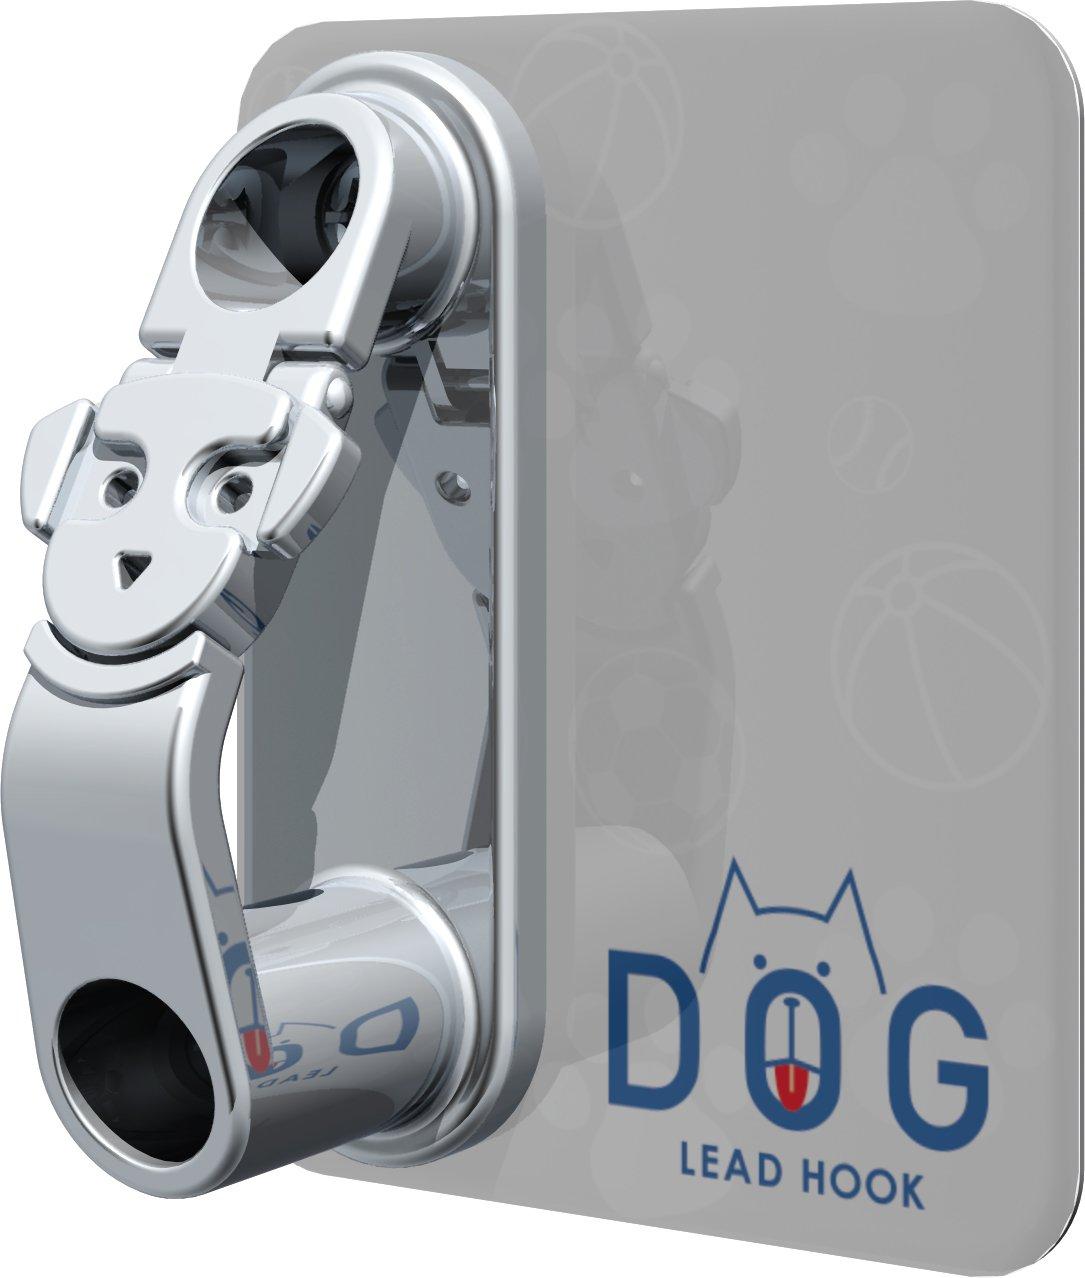 サンポール リードフック(犬用係留フック) ステンレス製 LH-412-WL ストッパーフック付 ミニサインプレート(ホワイト/ドッグロゴ)付 壁付式 B077M96K3G 12579 LH-412-WL LH412WL